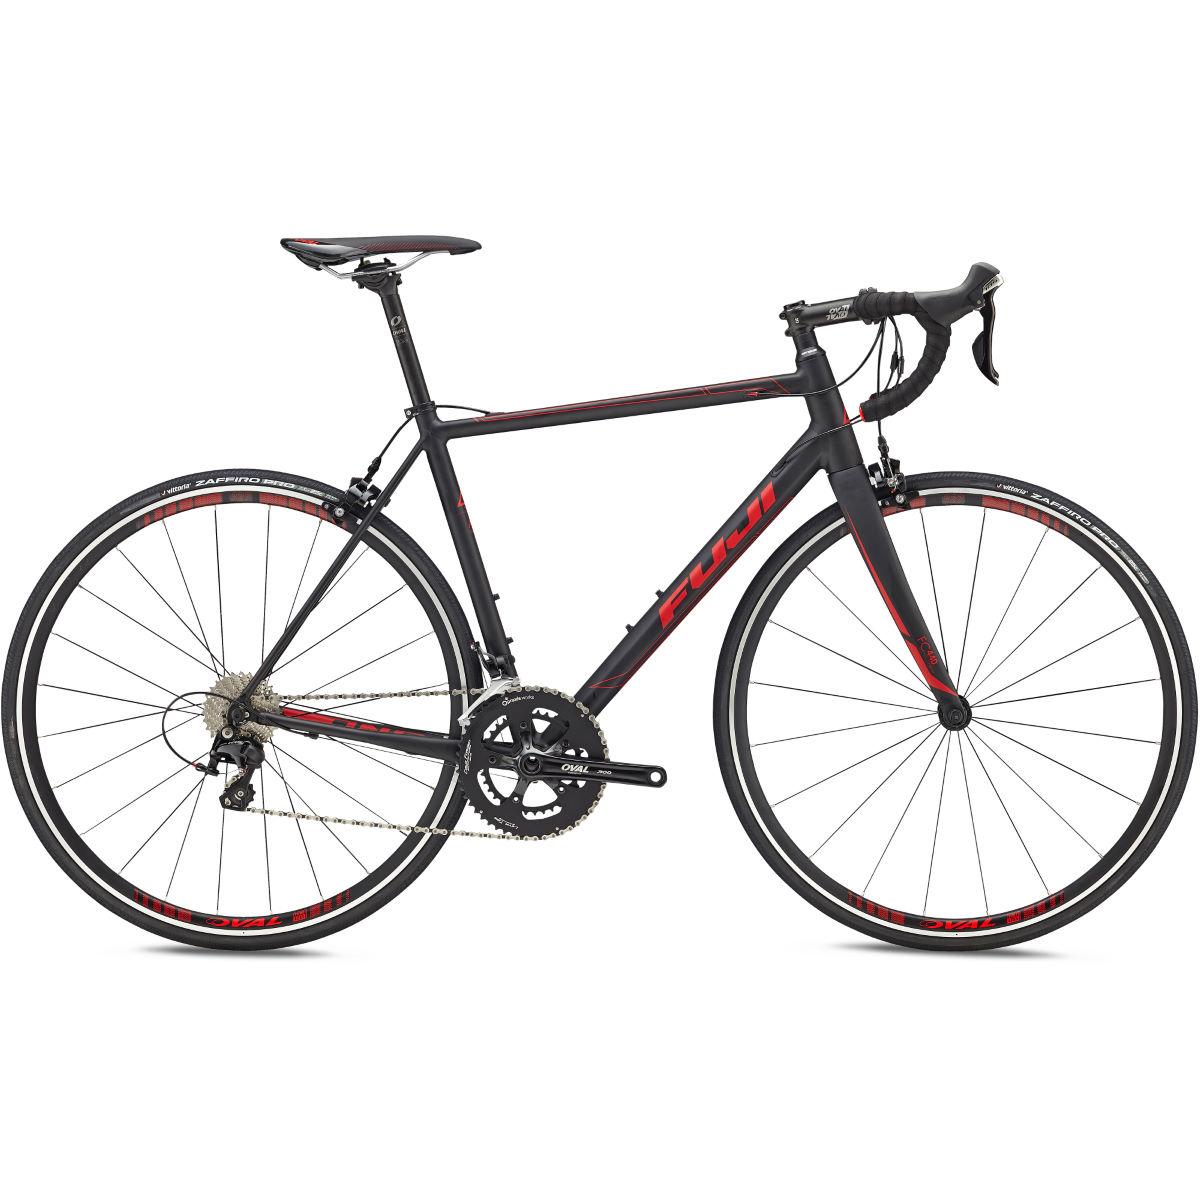 Fuji Roubaix 1.3 2018 Bikes